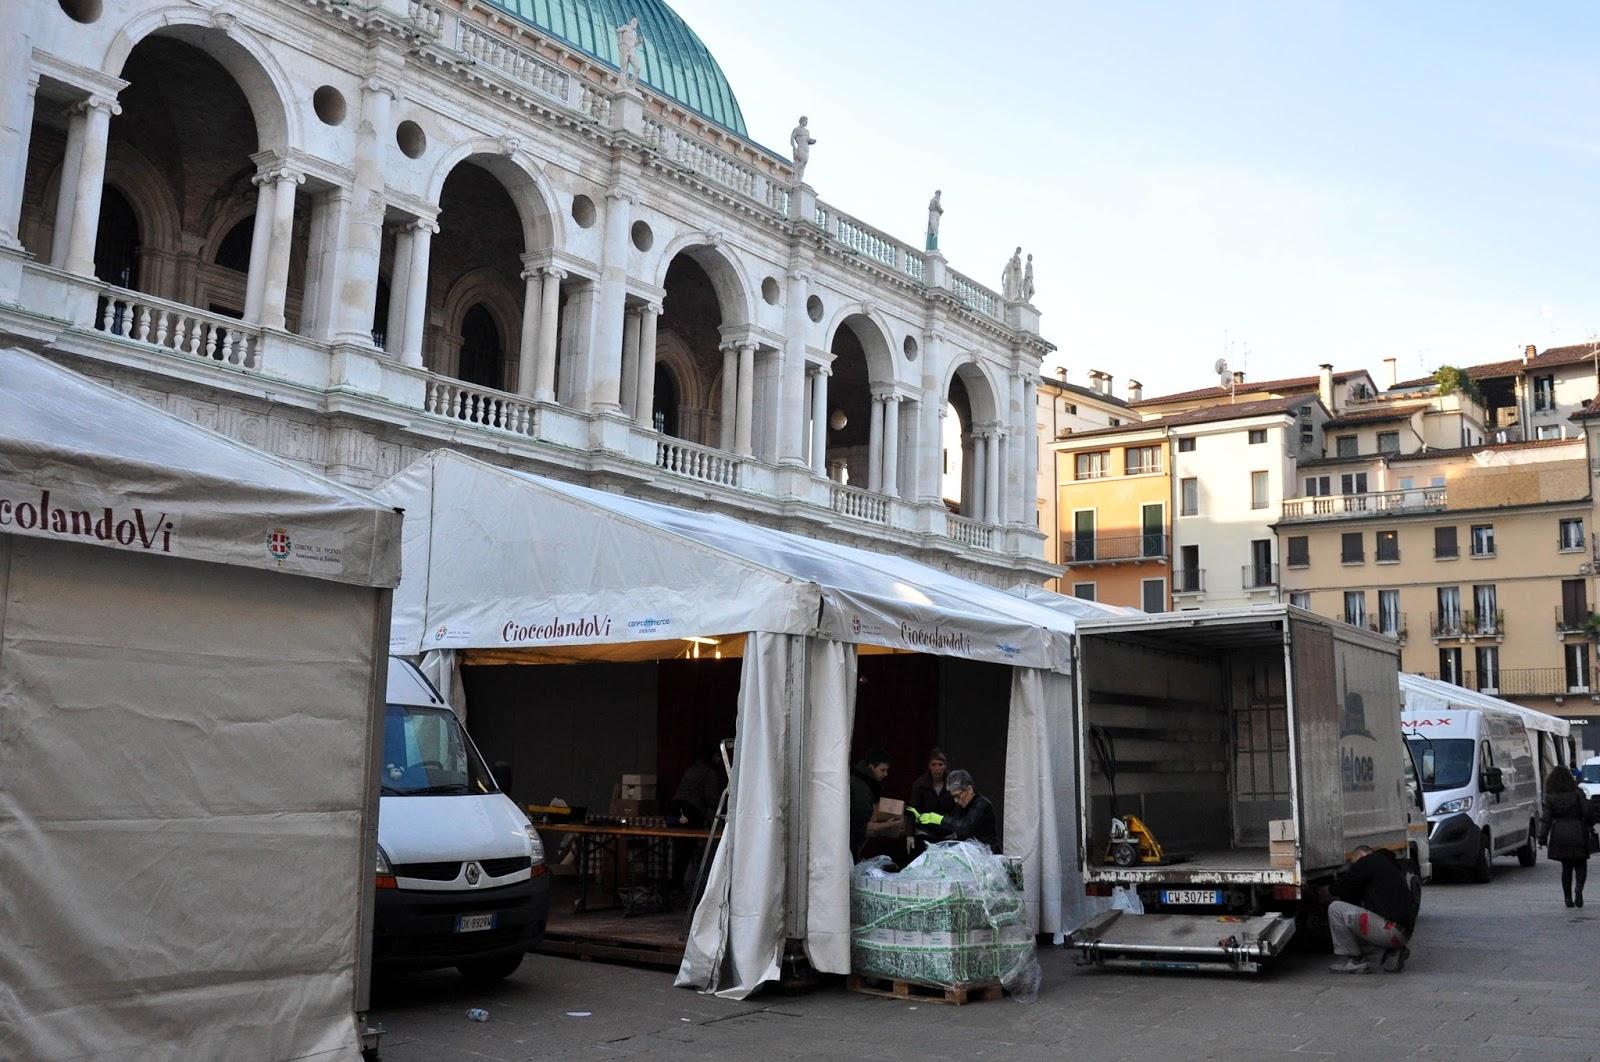 Getting ready, Chocolate Festival, Piazza dei Signori, Vicenza, Veneto, Italy